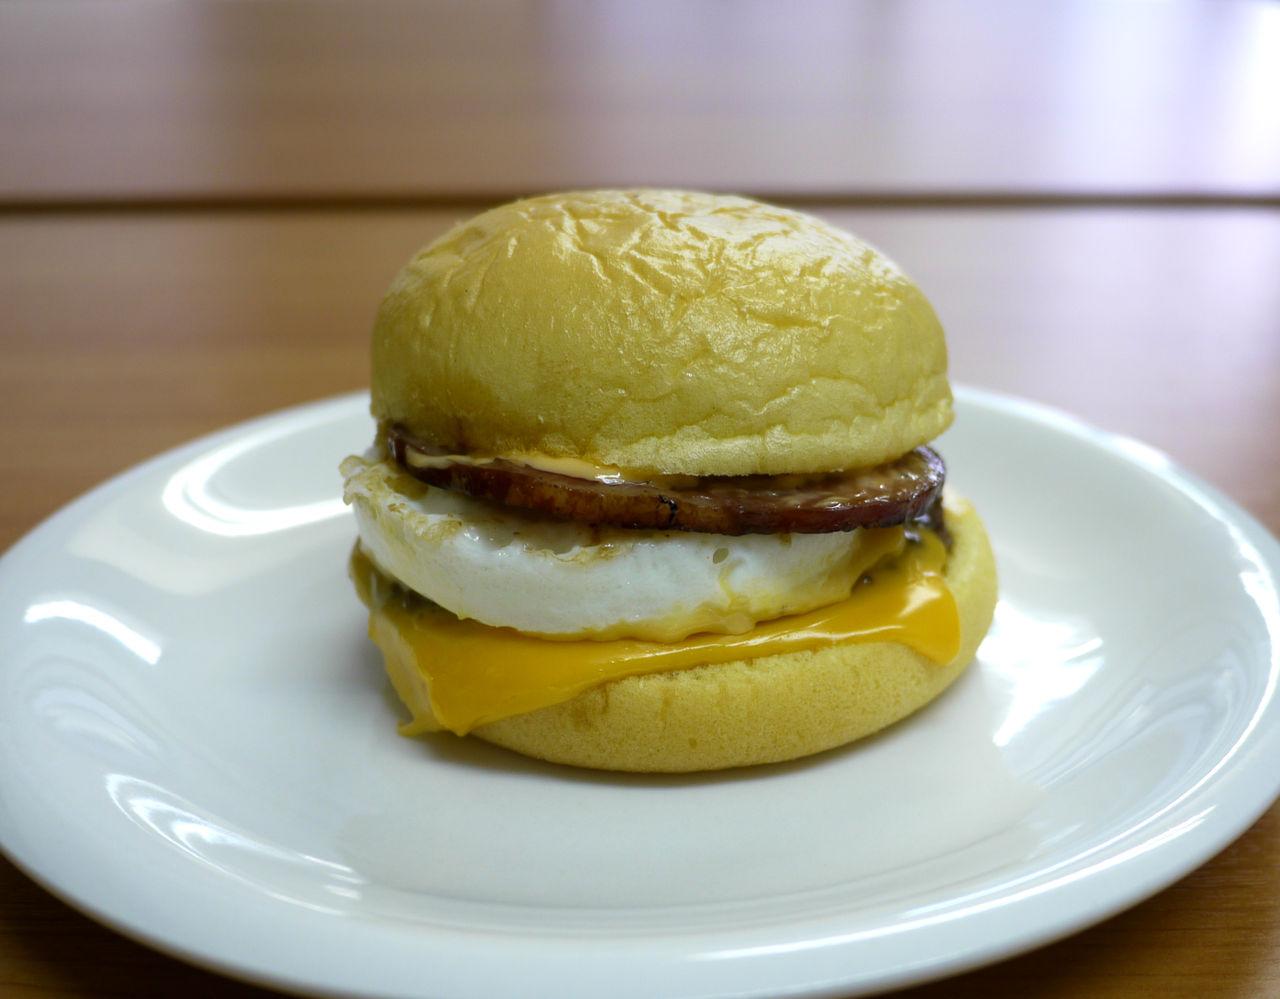 【正直レビュー】新登場したマクドナルドの「満月チーズ月見バーガー」はとにかくハムがウマい